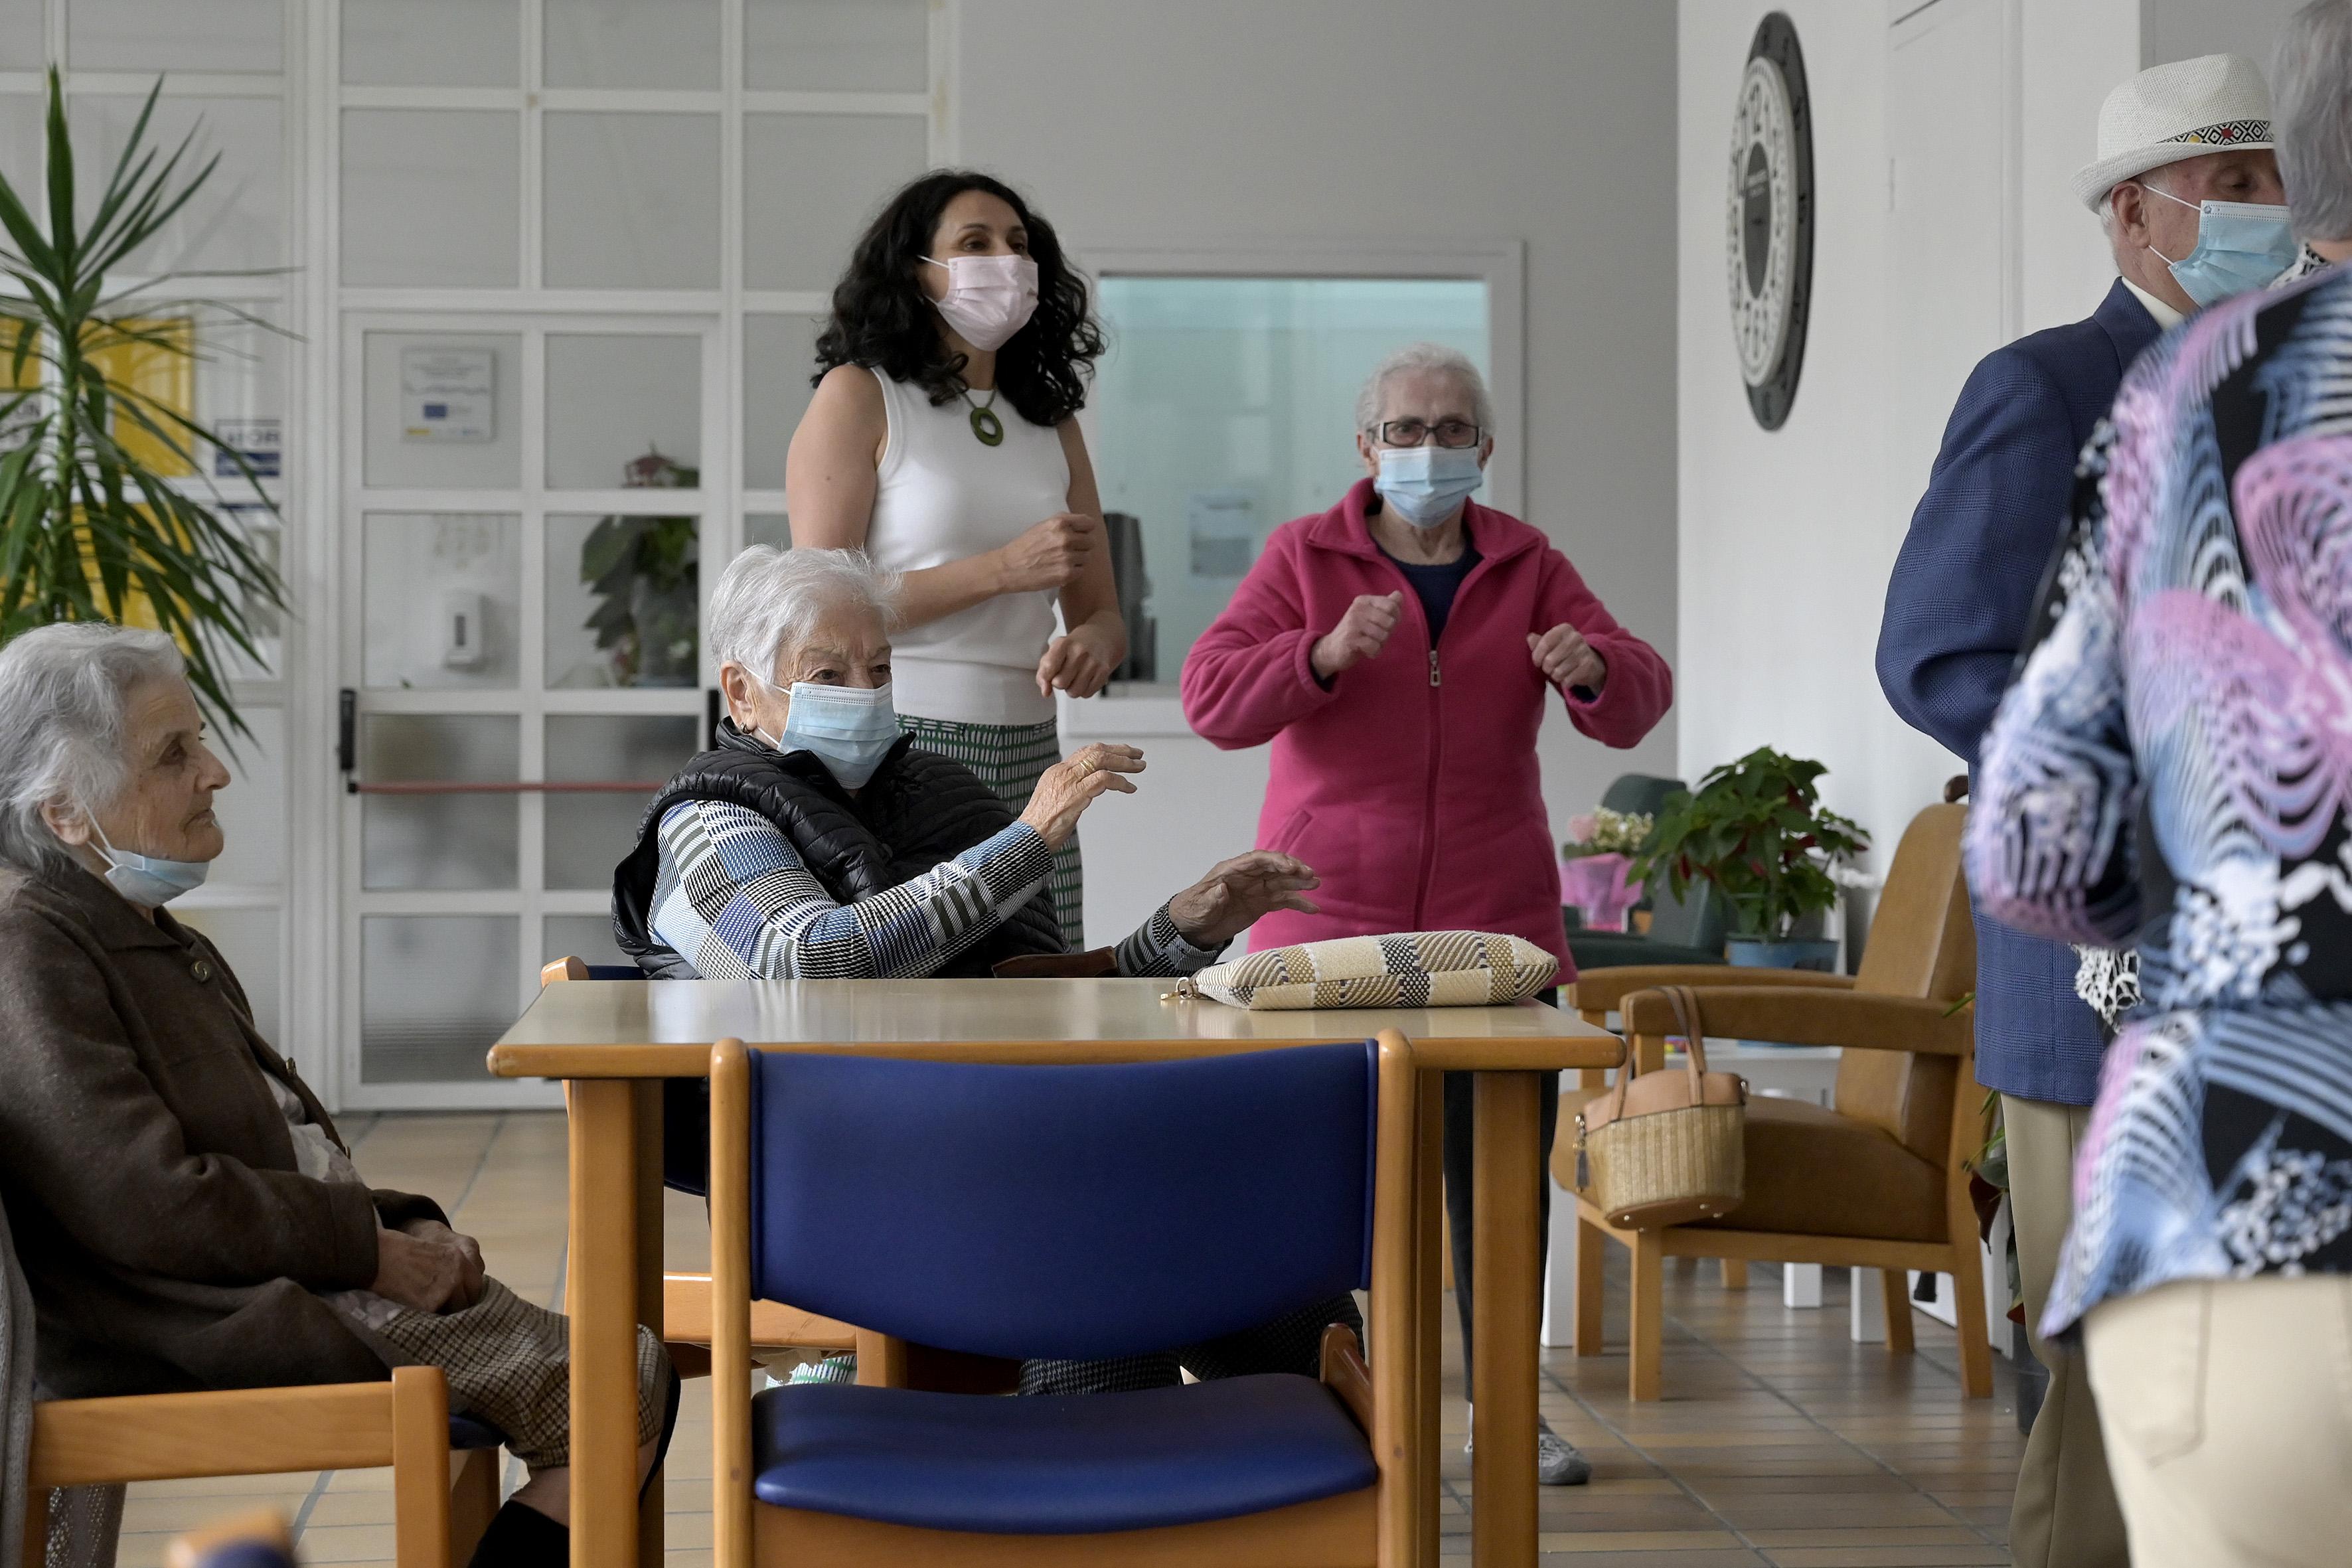 Las residencias del Plan Convivint serán pequeños módulos de convivencia con cocina office